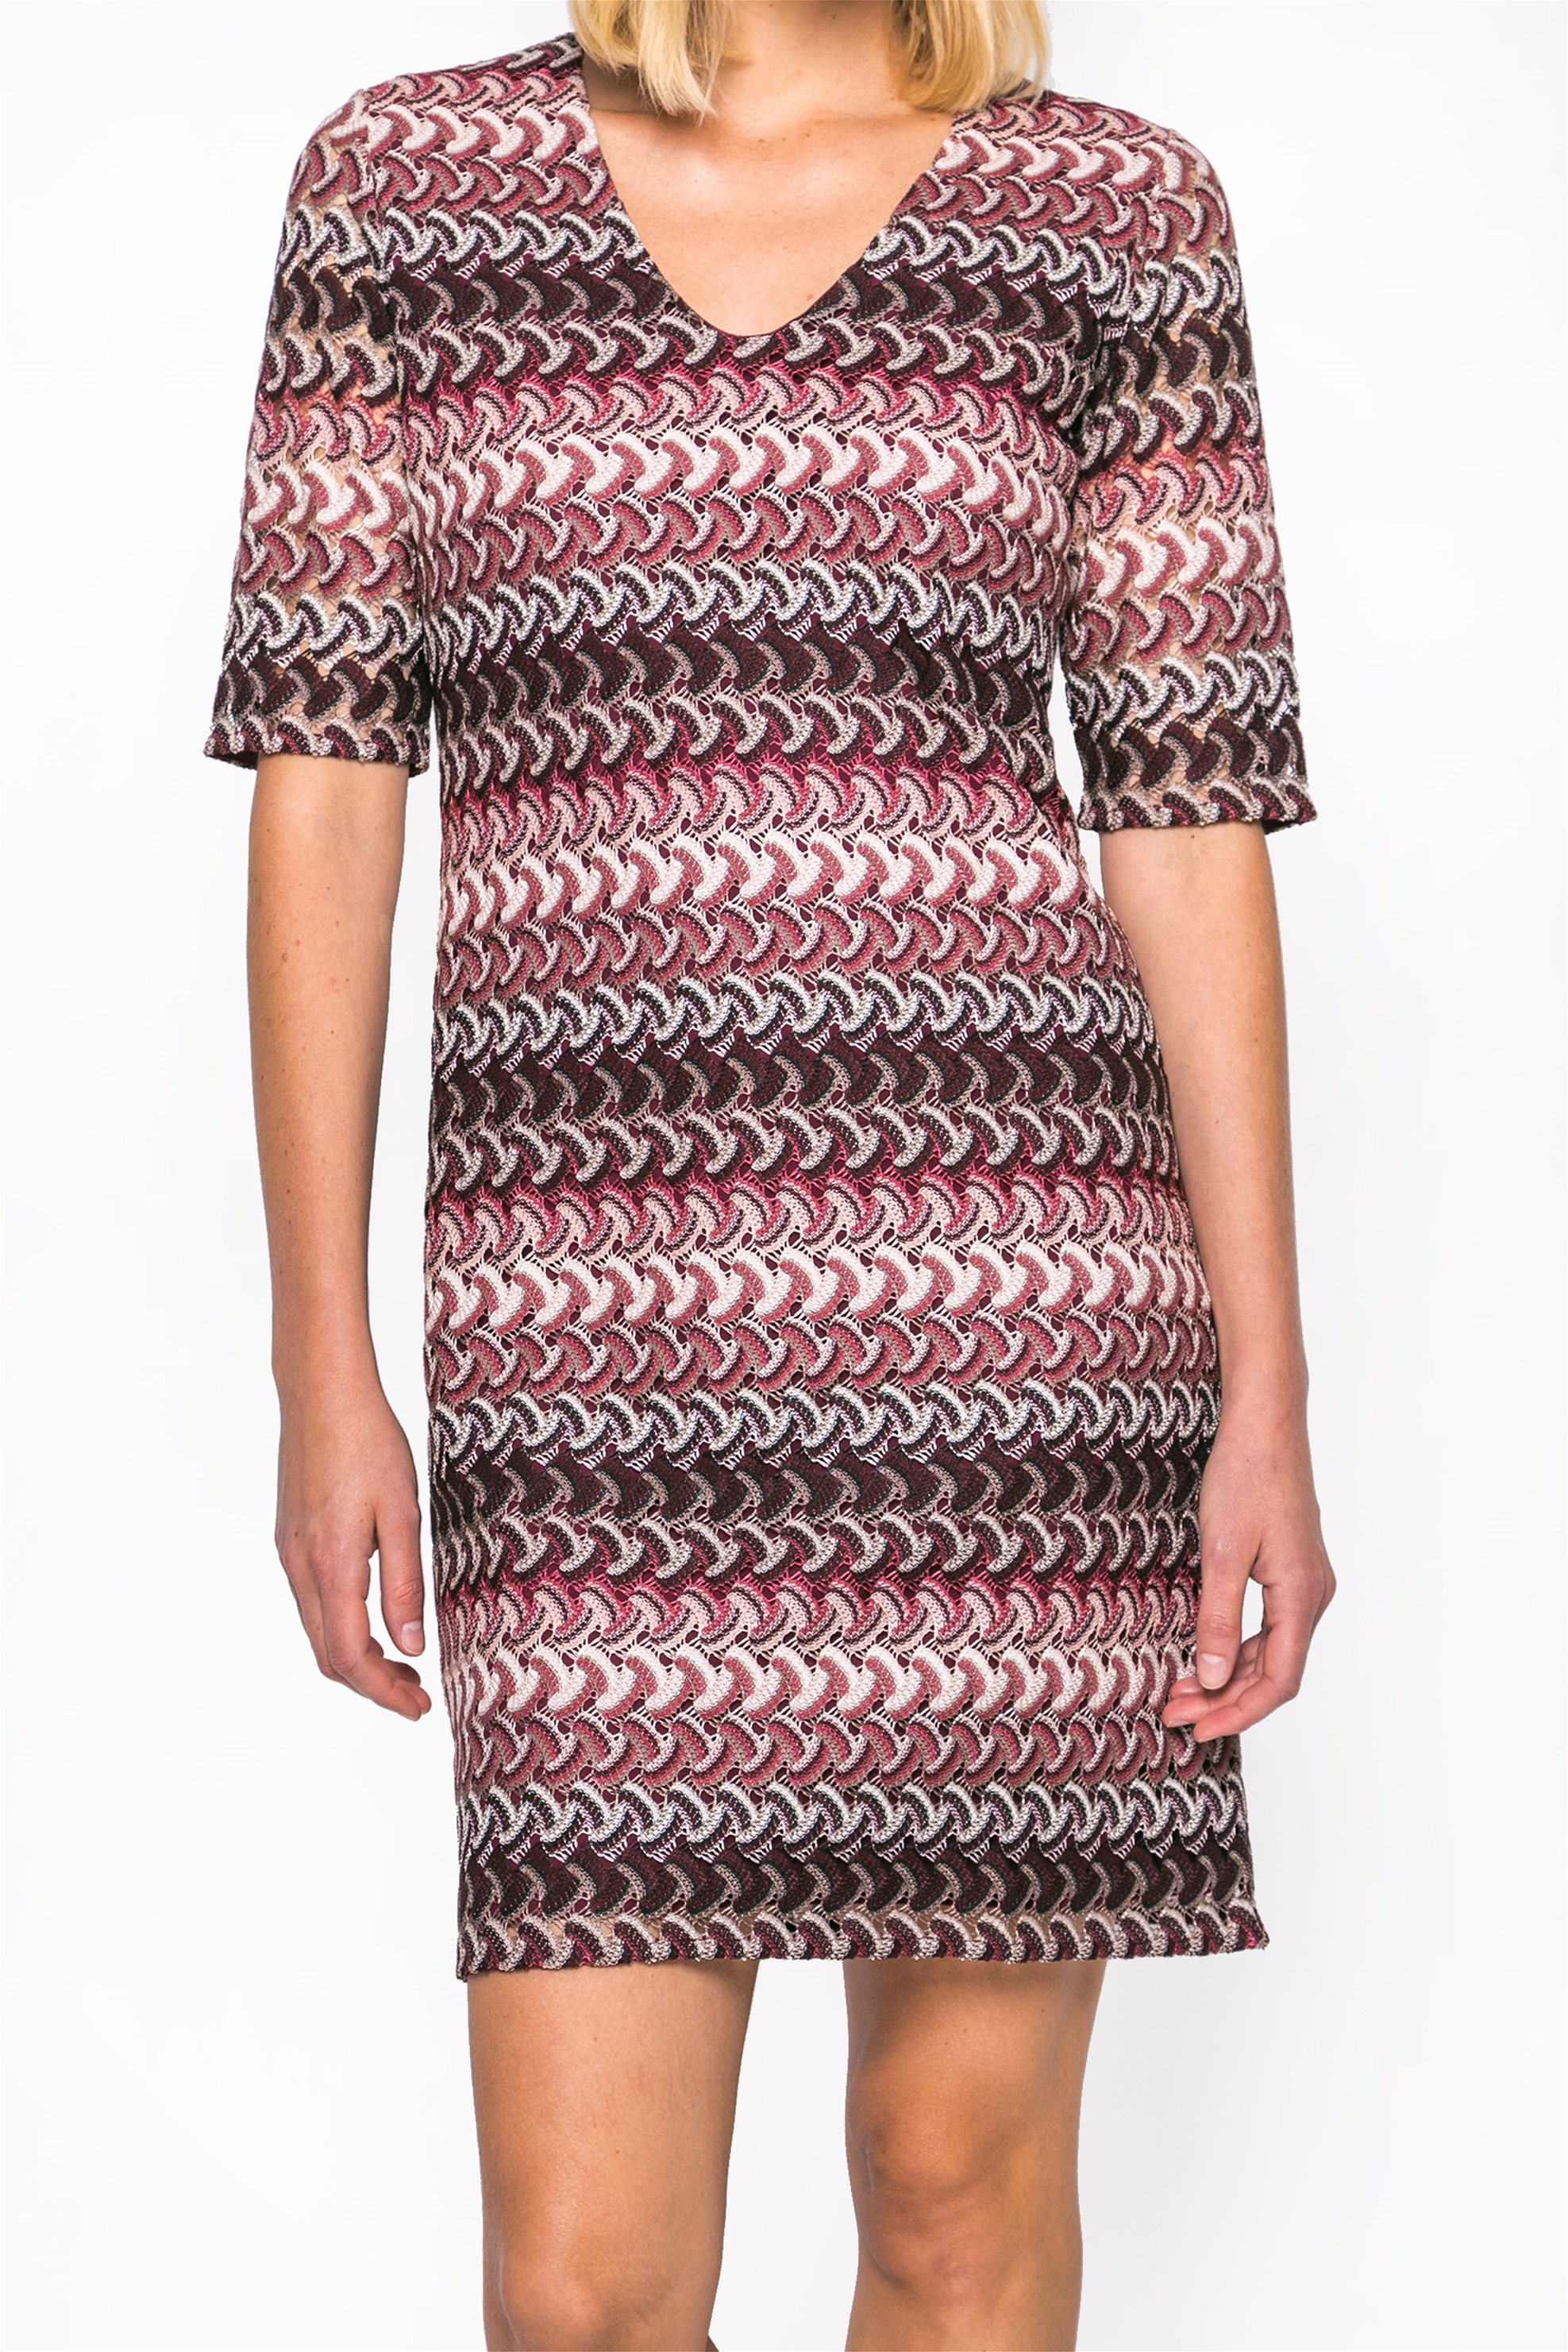 Γυναικείο φόρεμα Gerry Weber - 680901-35012 - Πολύχρωμο γυναικα   ρουχα   φορέματα   midi φορέματα